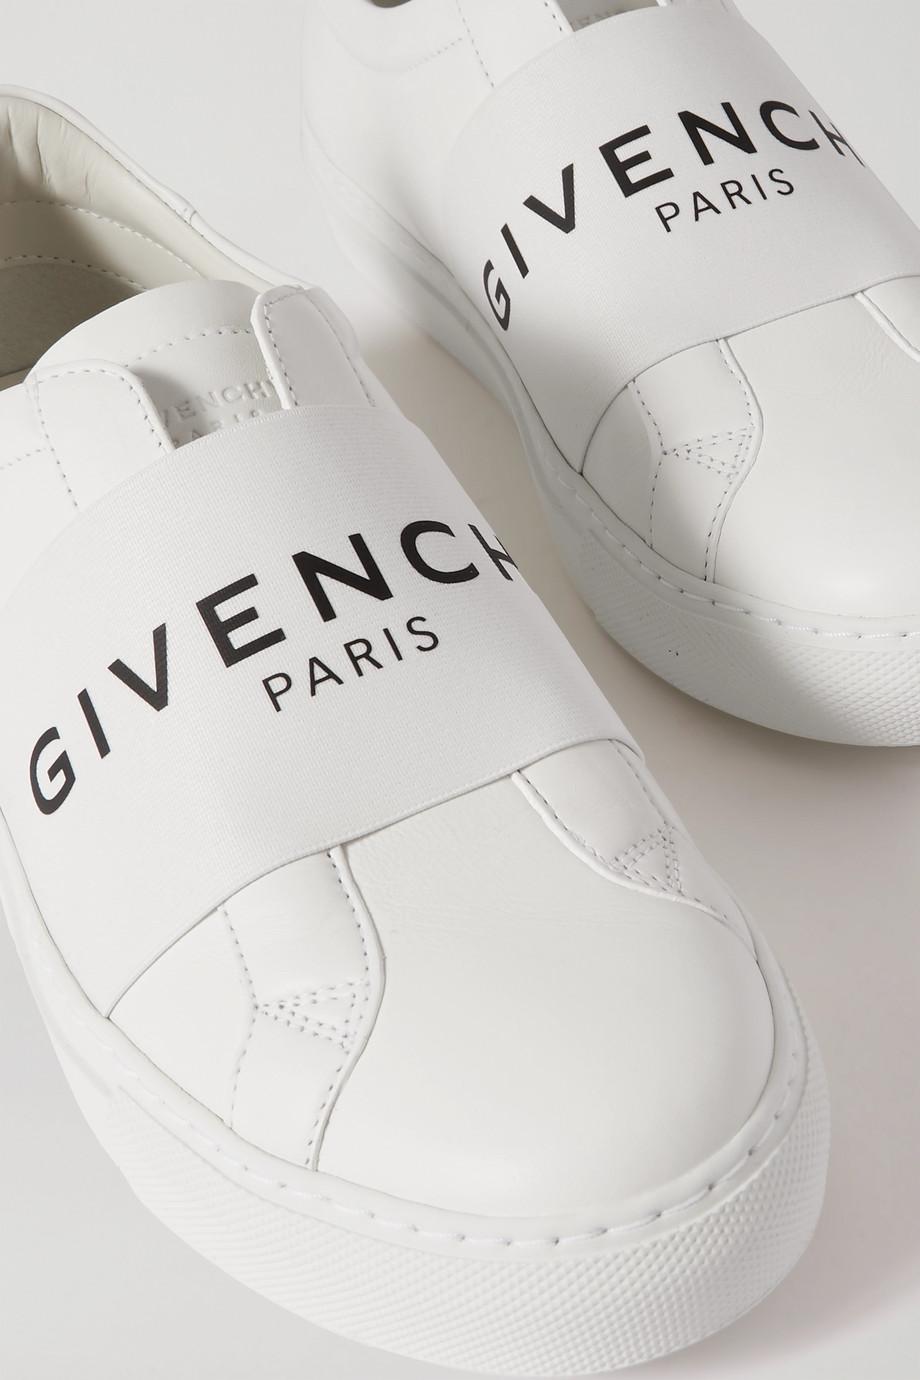 Tenis para novia Net-A-Porter, los tenis más cool para novia - Givenchy - Wedding Hub - 01